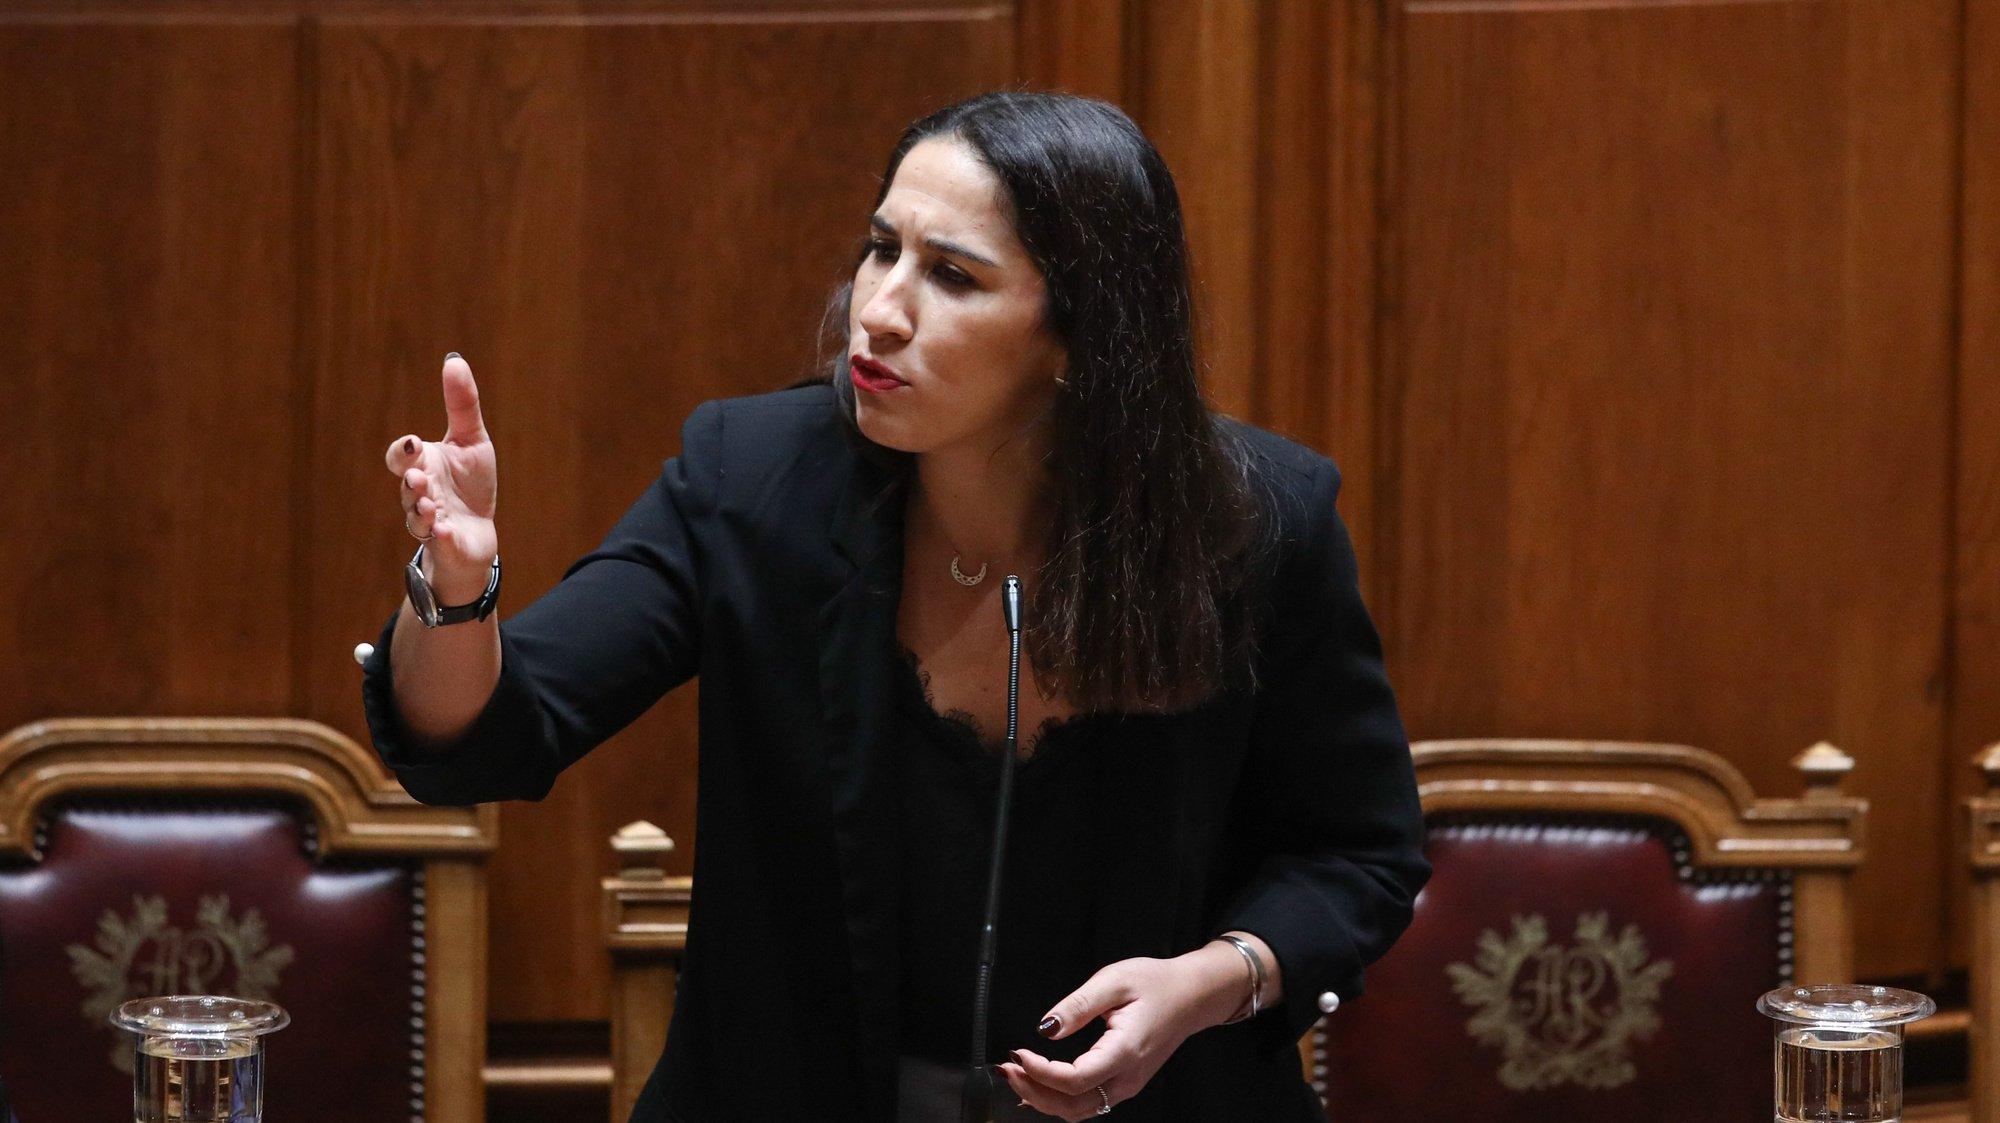 Marina Gonçalves, secretária de Estado da Habitação, Infraestruturas e Habitação, durante a sessão plenária na Assembleia da República, em Lisboa, 04 de dezembro de 2020. ANDRÉ KOSTERS/LUSA